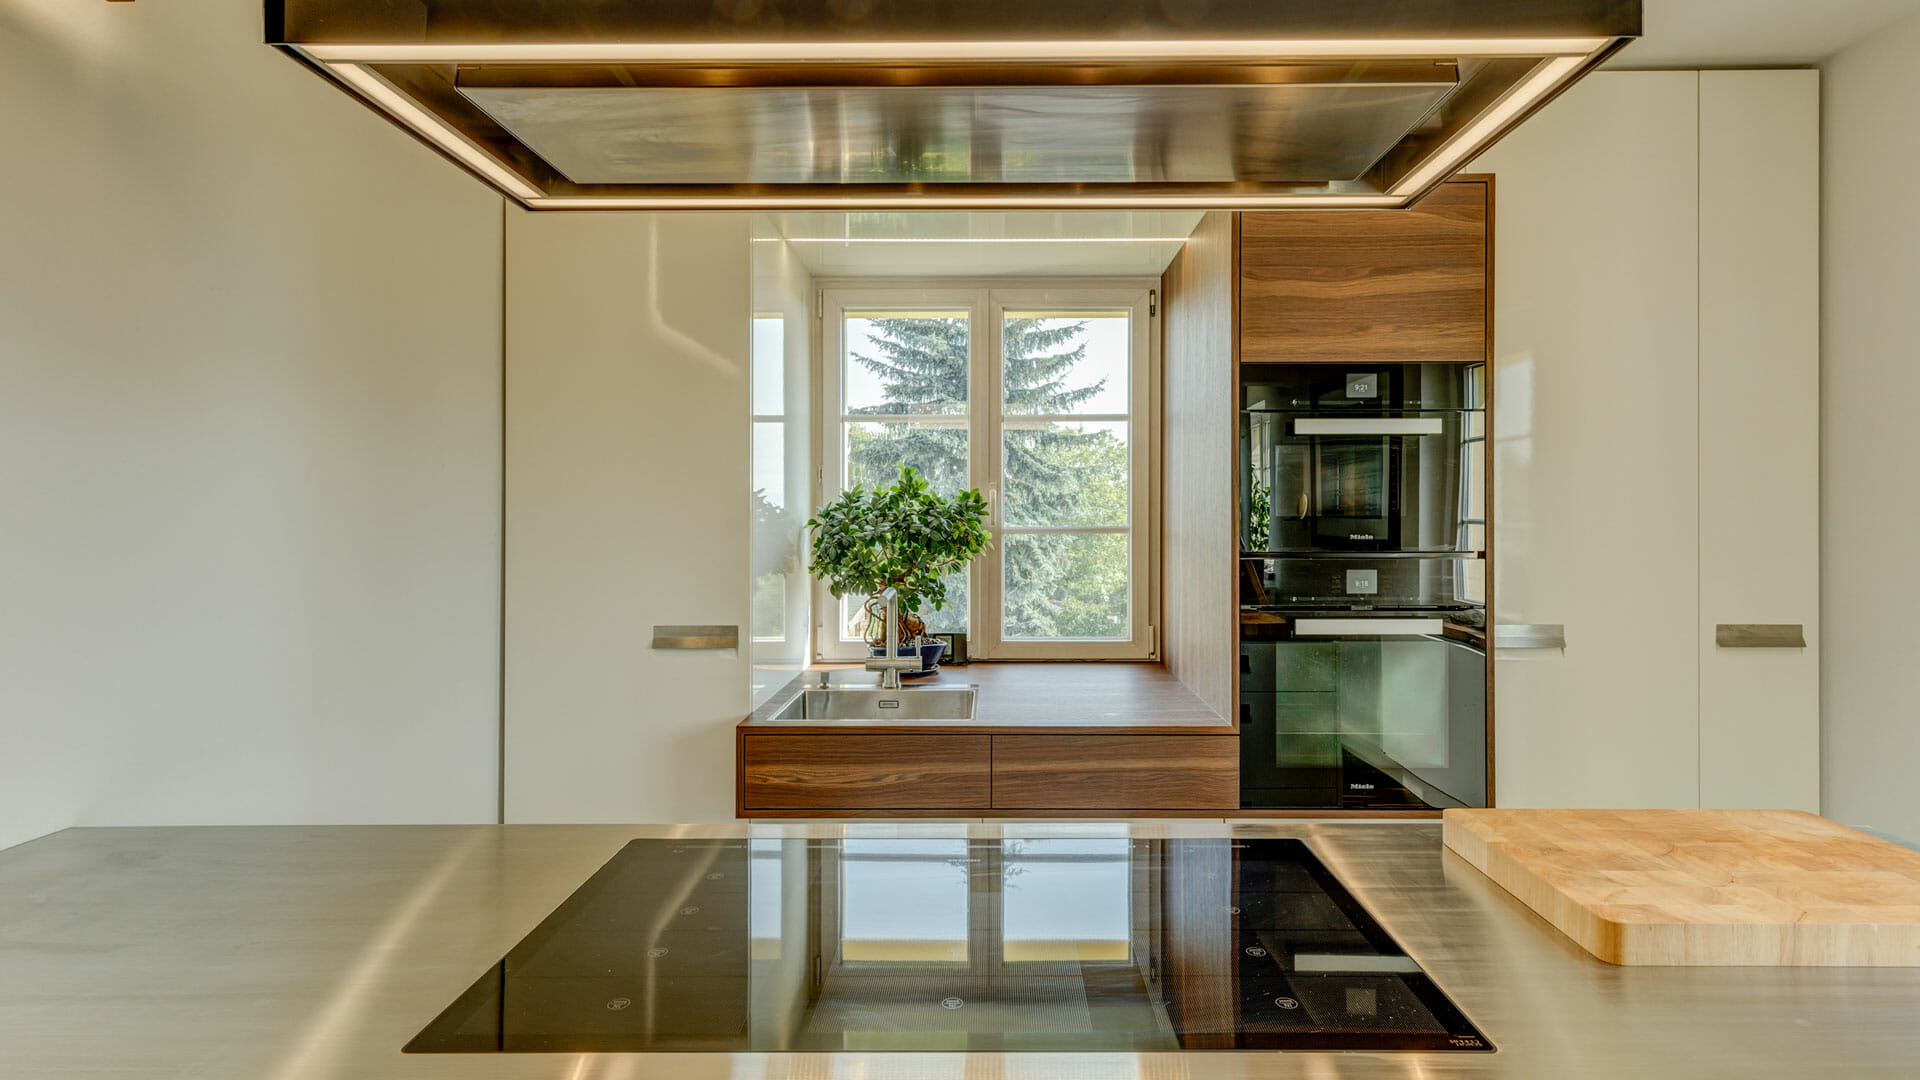 Küche Mit Edelstahl Arbeitsplatte edle hochglanz küche mit edelstahlarbeitsplatte diemeistertischler